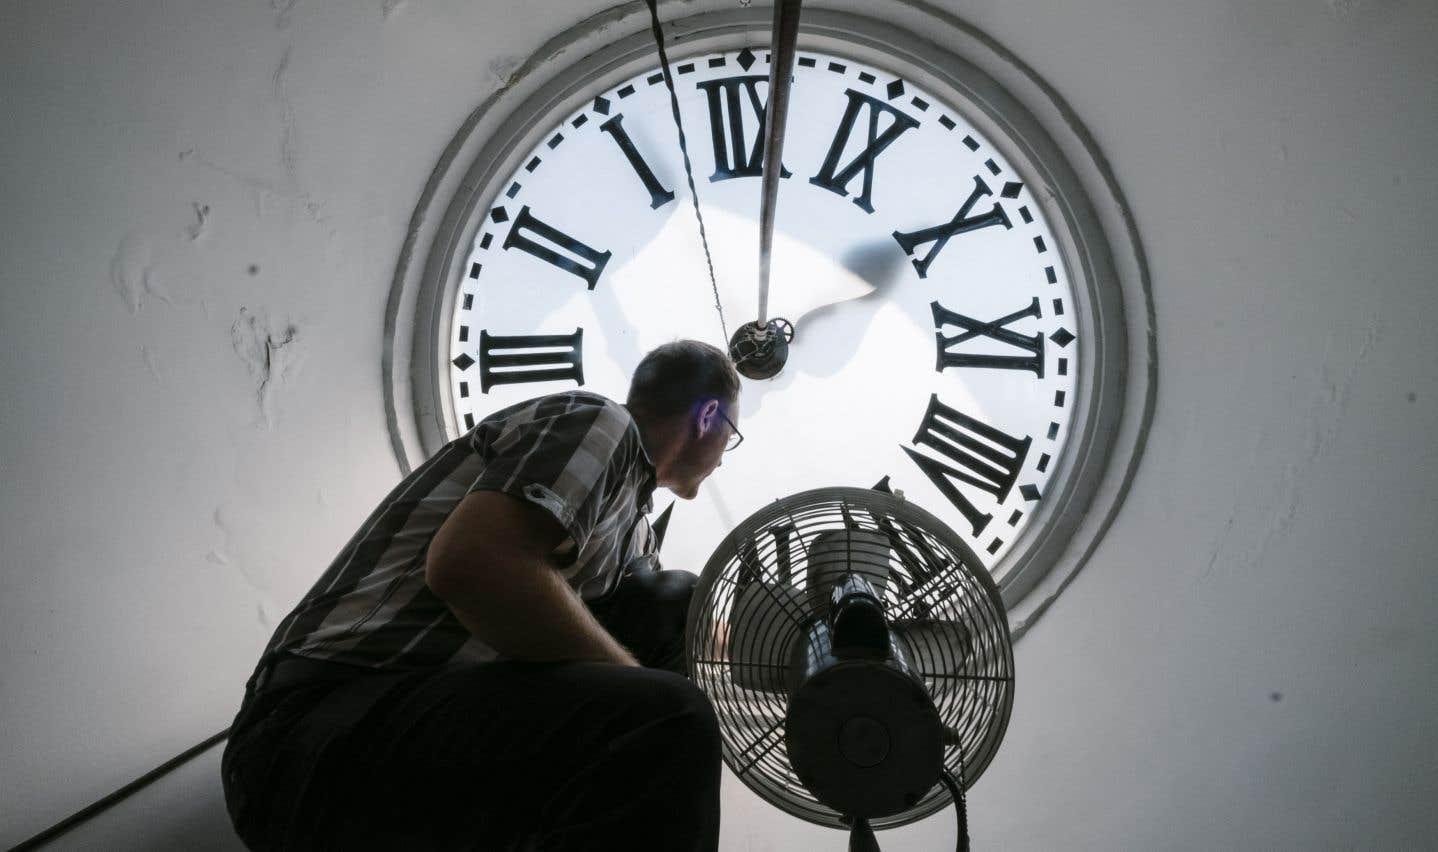 Conçue par Cyrille Duquet, l'inventeur du combiné téléphonique, l'horloge du Parlement sonne toutes les heures depuis 1888.